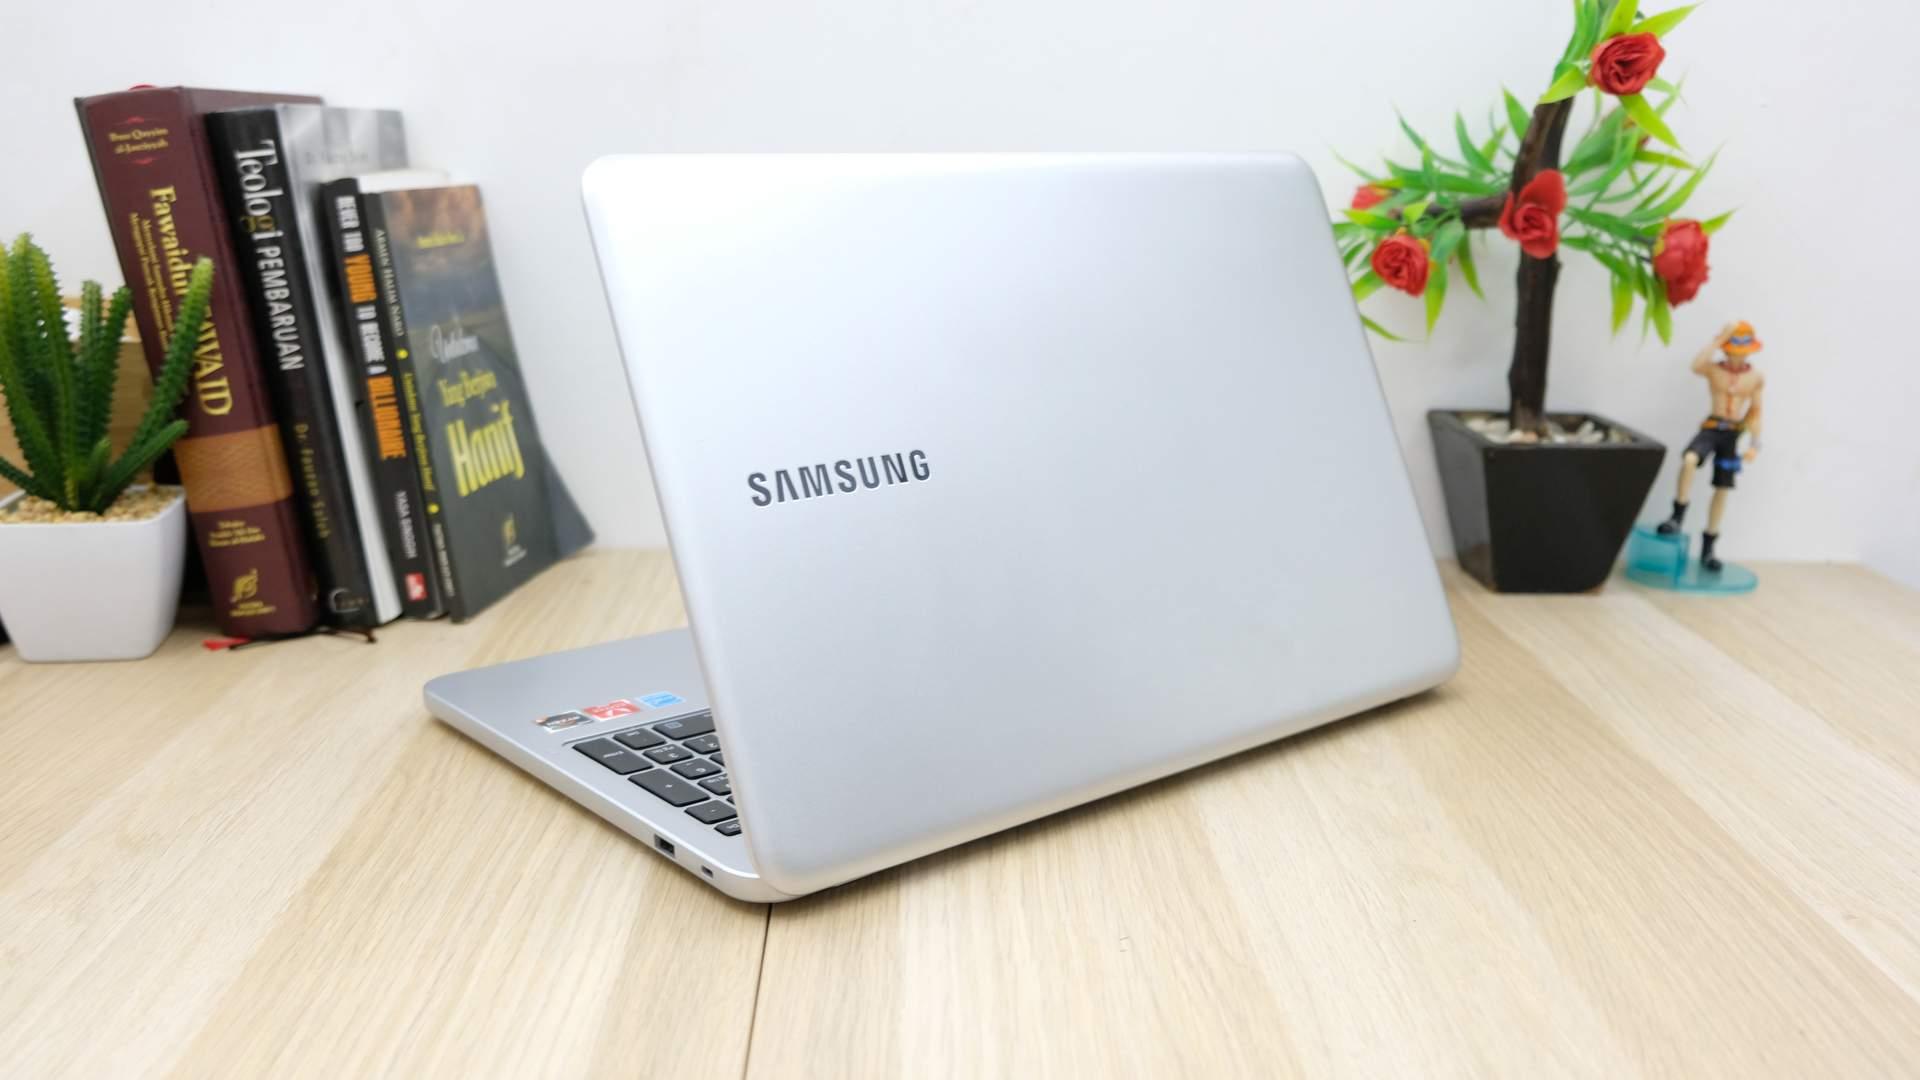 Parte traseira de notebook Samsung aberta em mesa de madeira com decoração de livros e plantas ao fundo